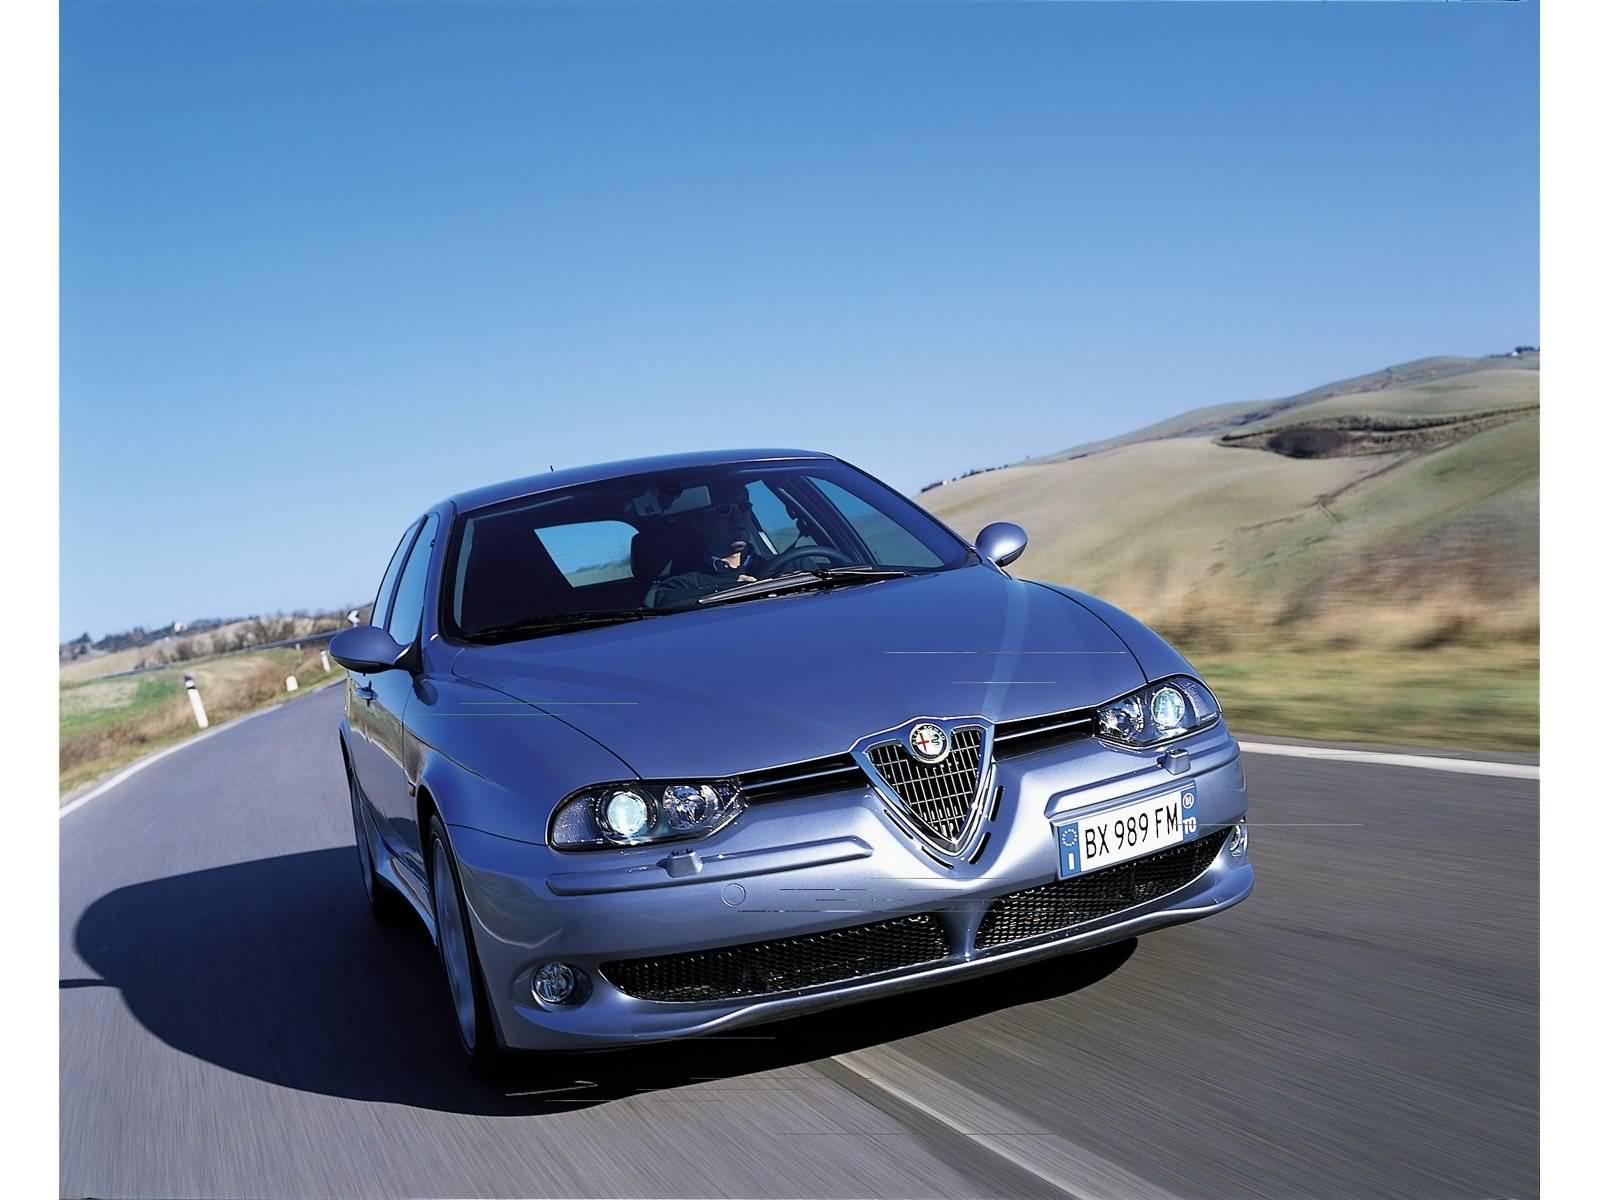 Awesome Alfa Romeo 156 GTA Car on the road